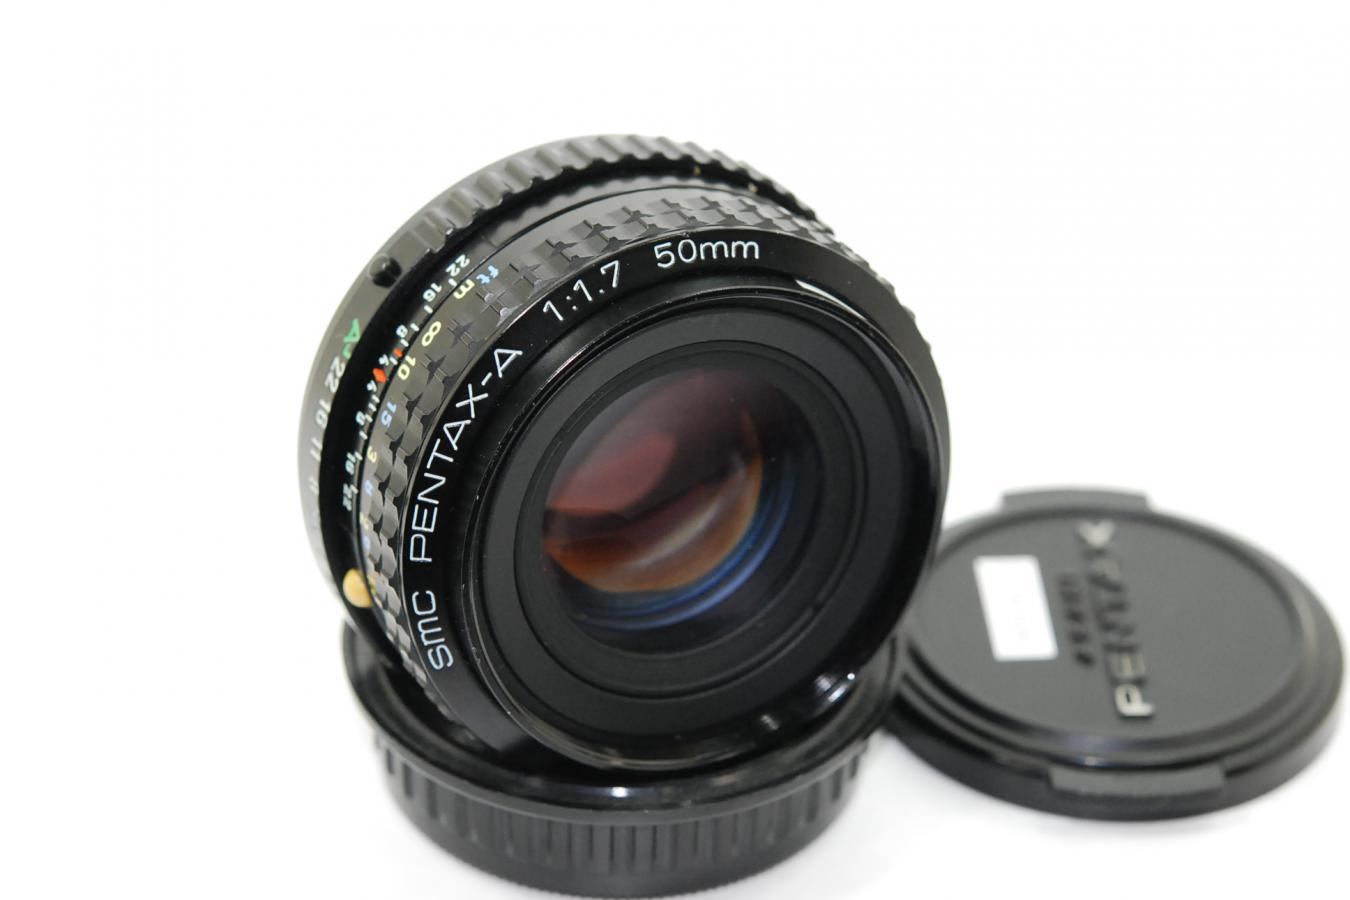 SMC PENTAX-A 50mm F1.7